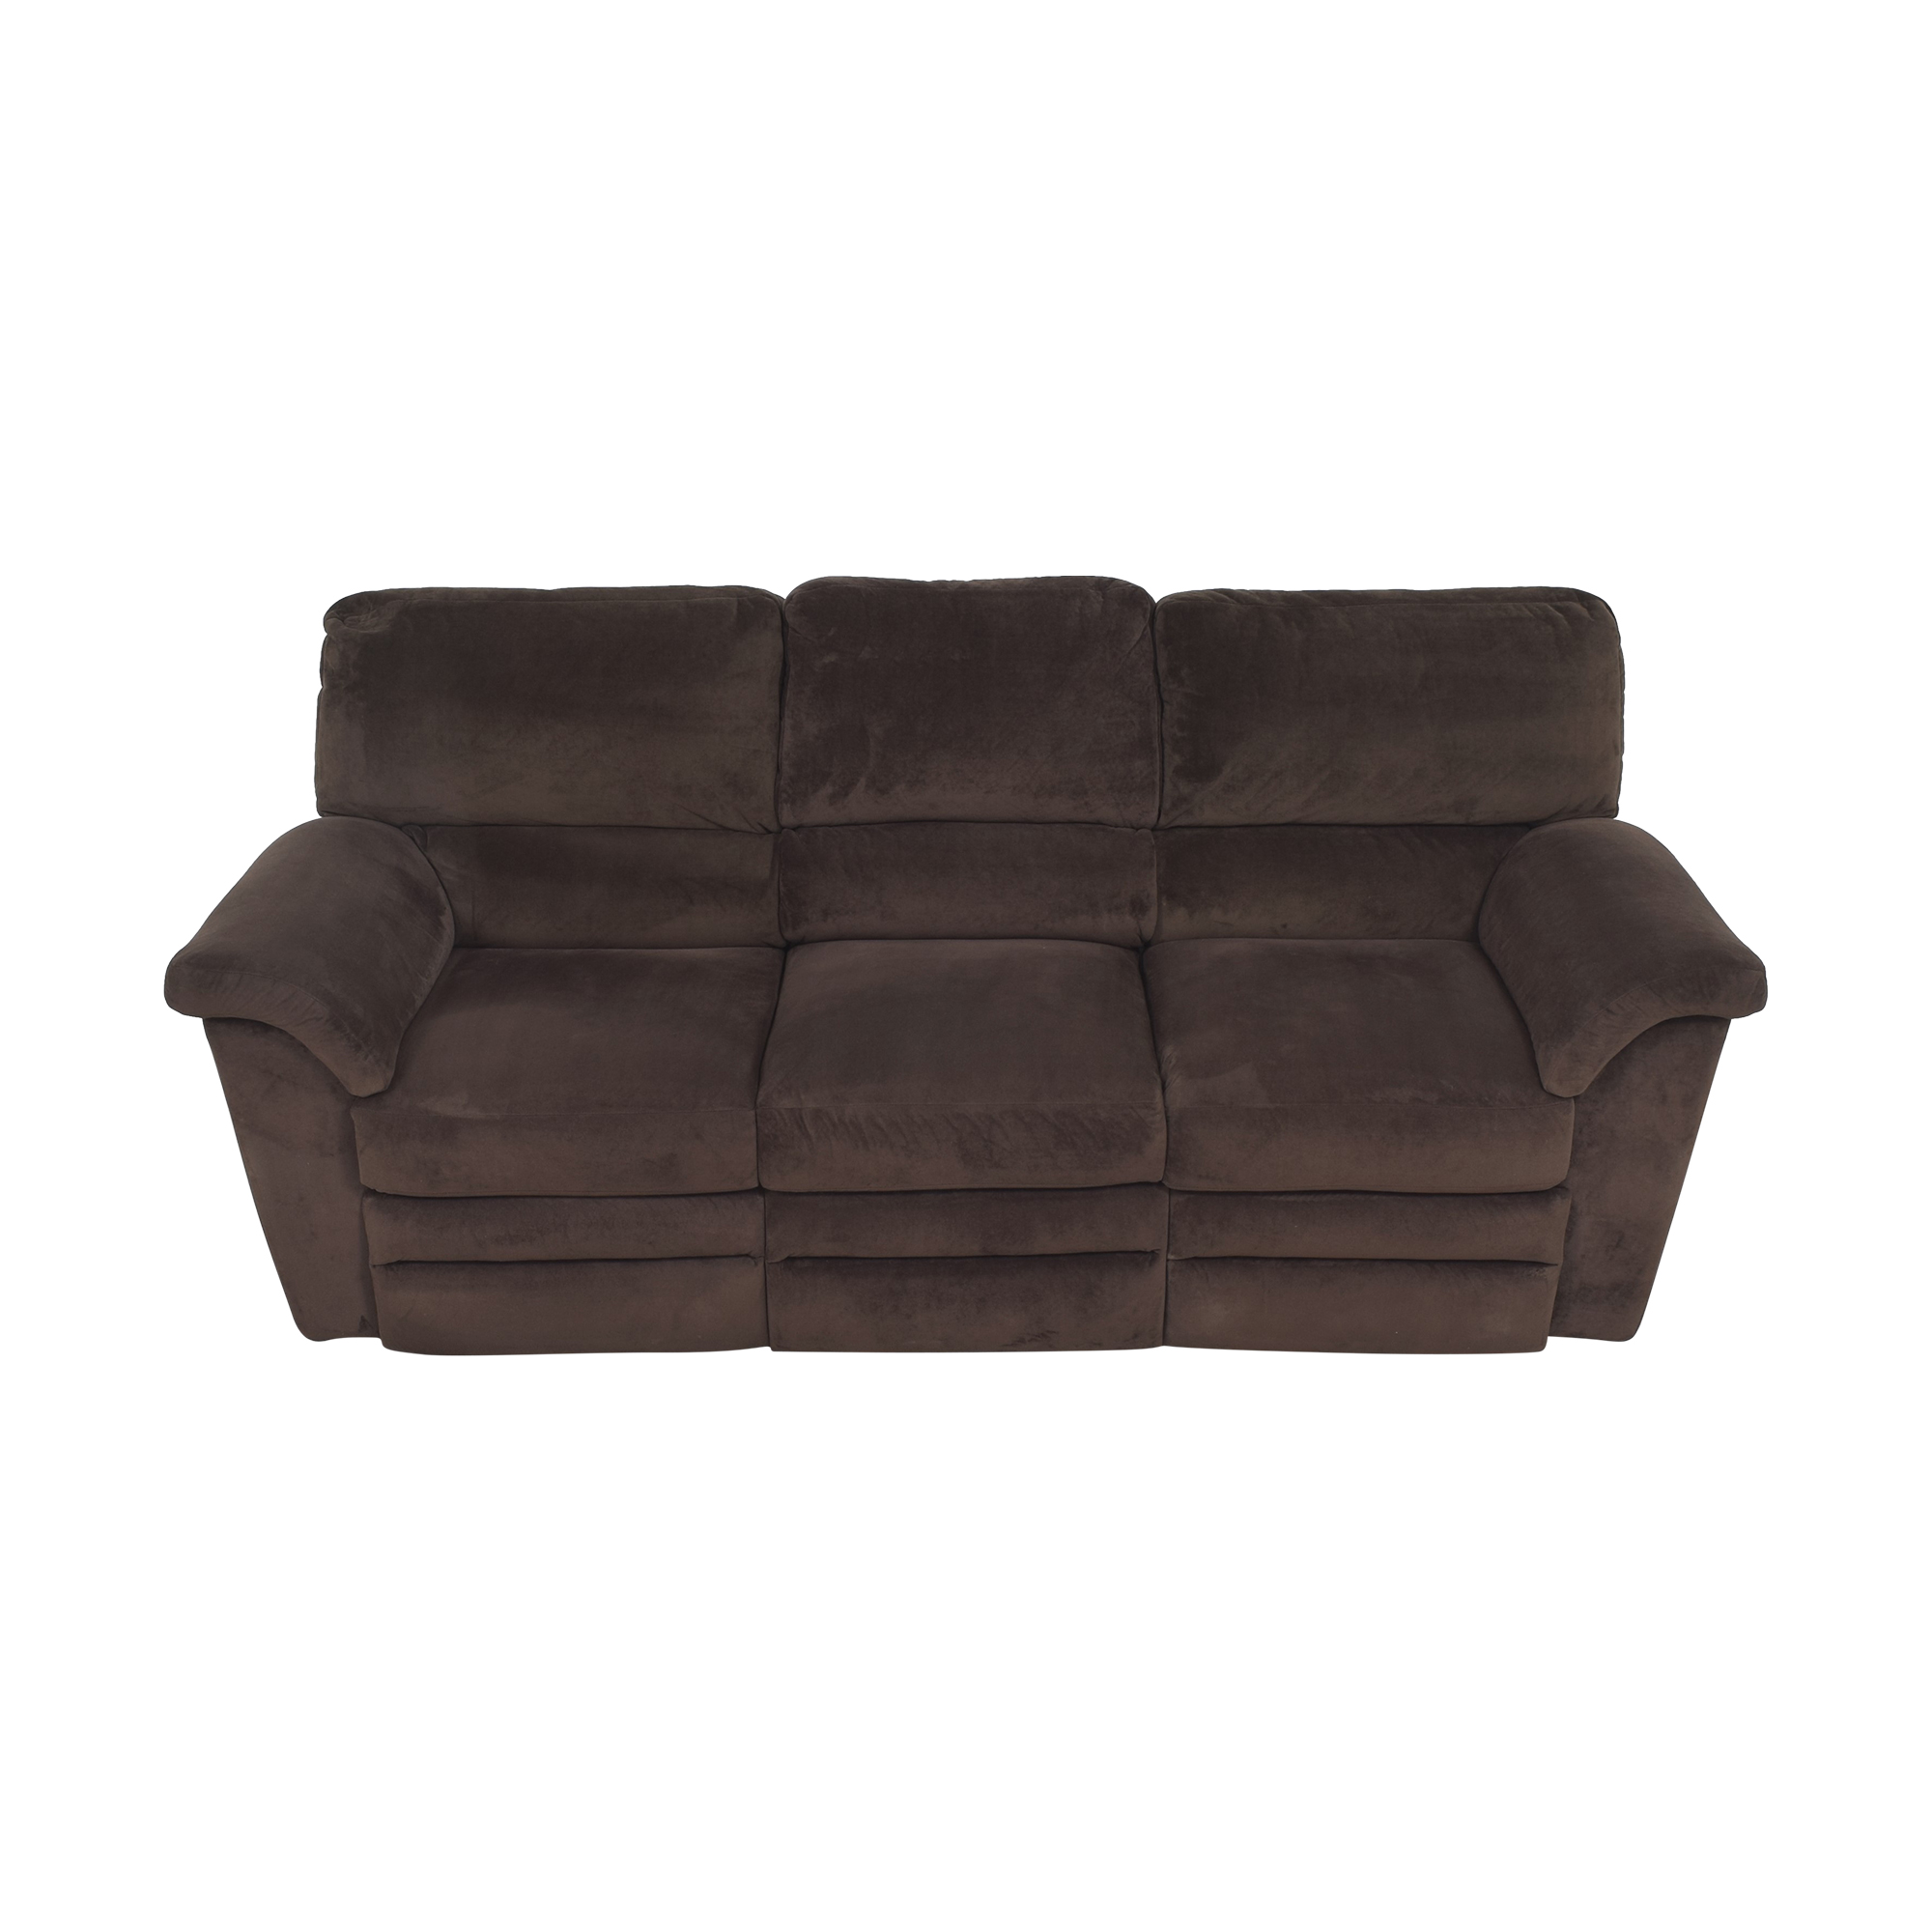 La-Z-Boy La-Z-Boy Reclining Three Cushion Sofa